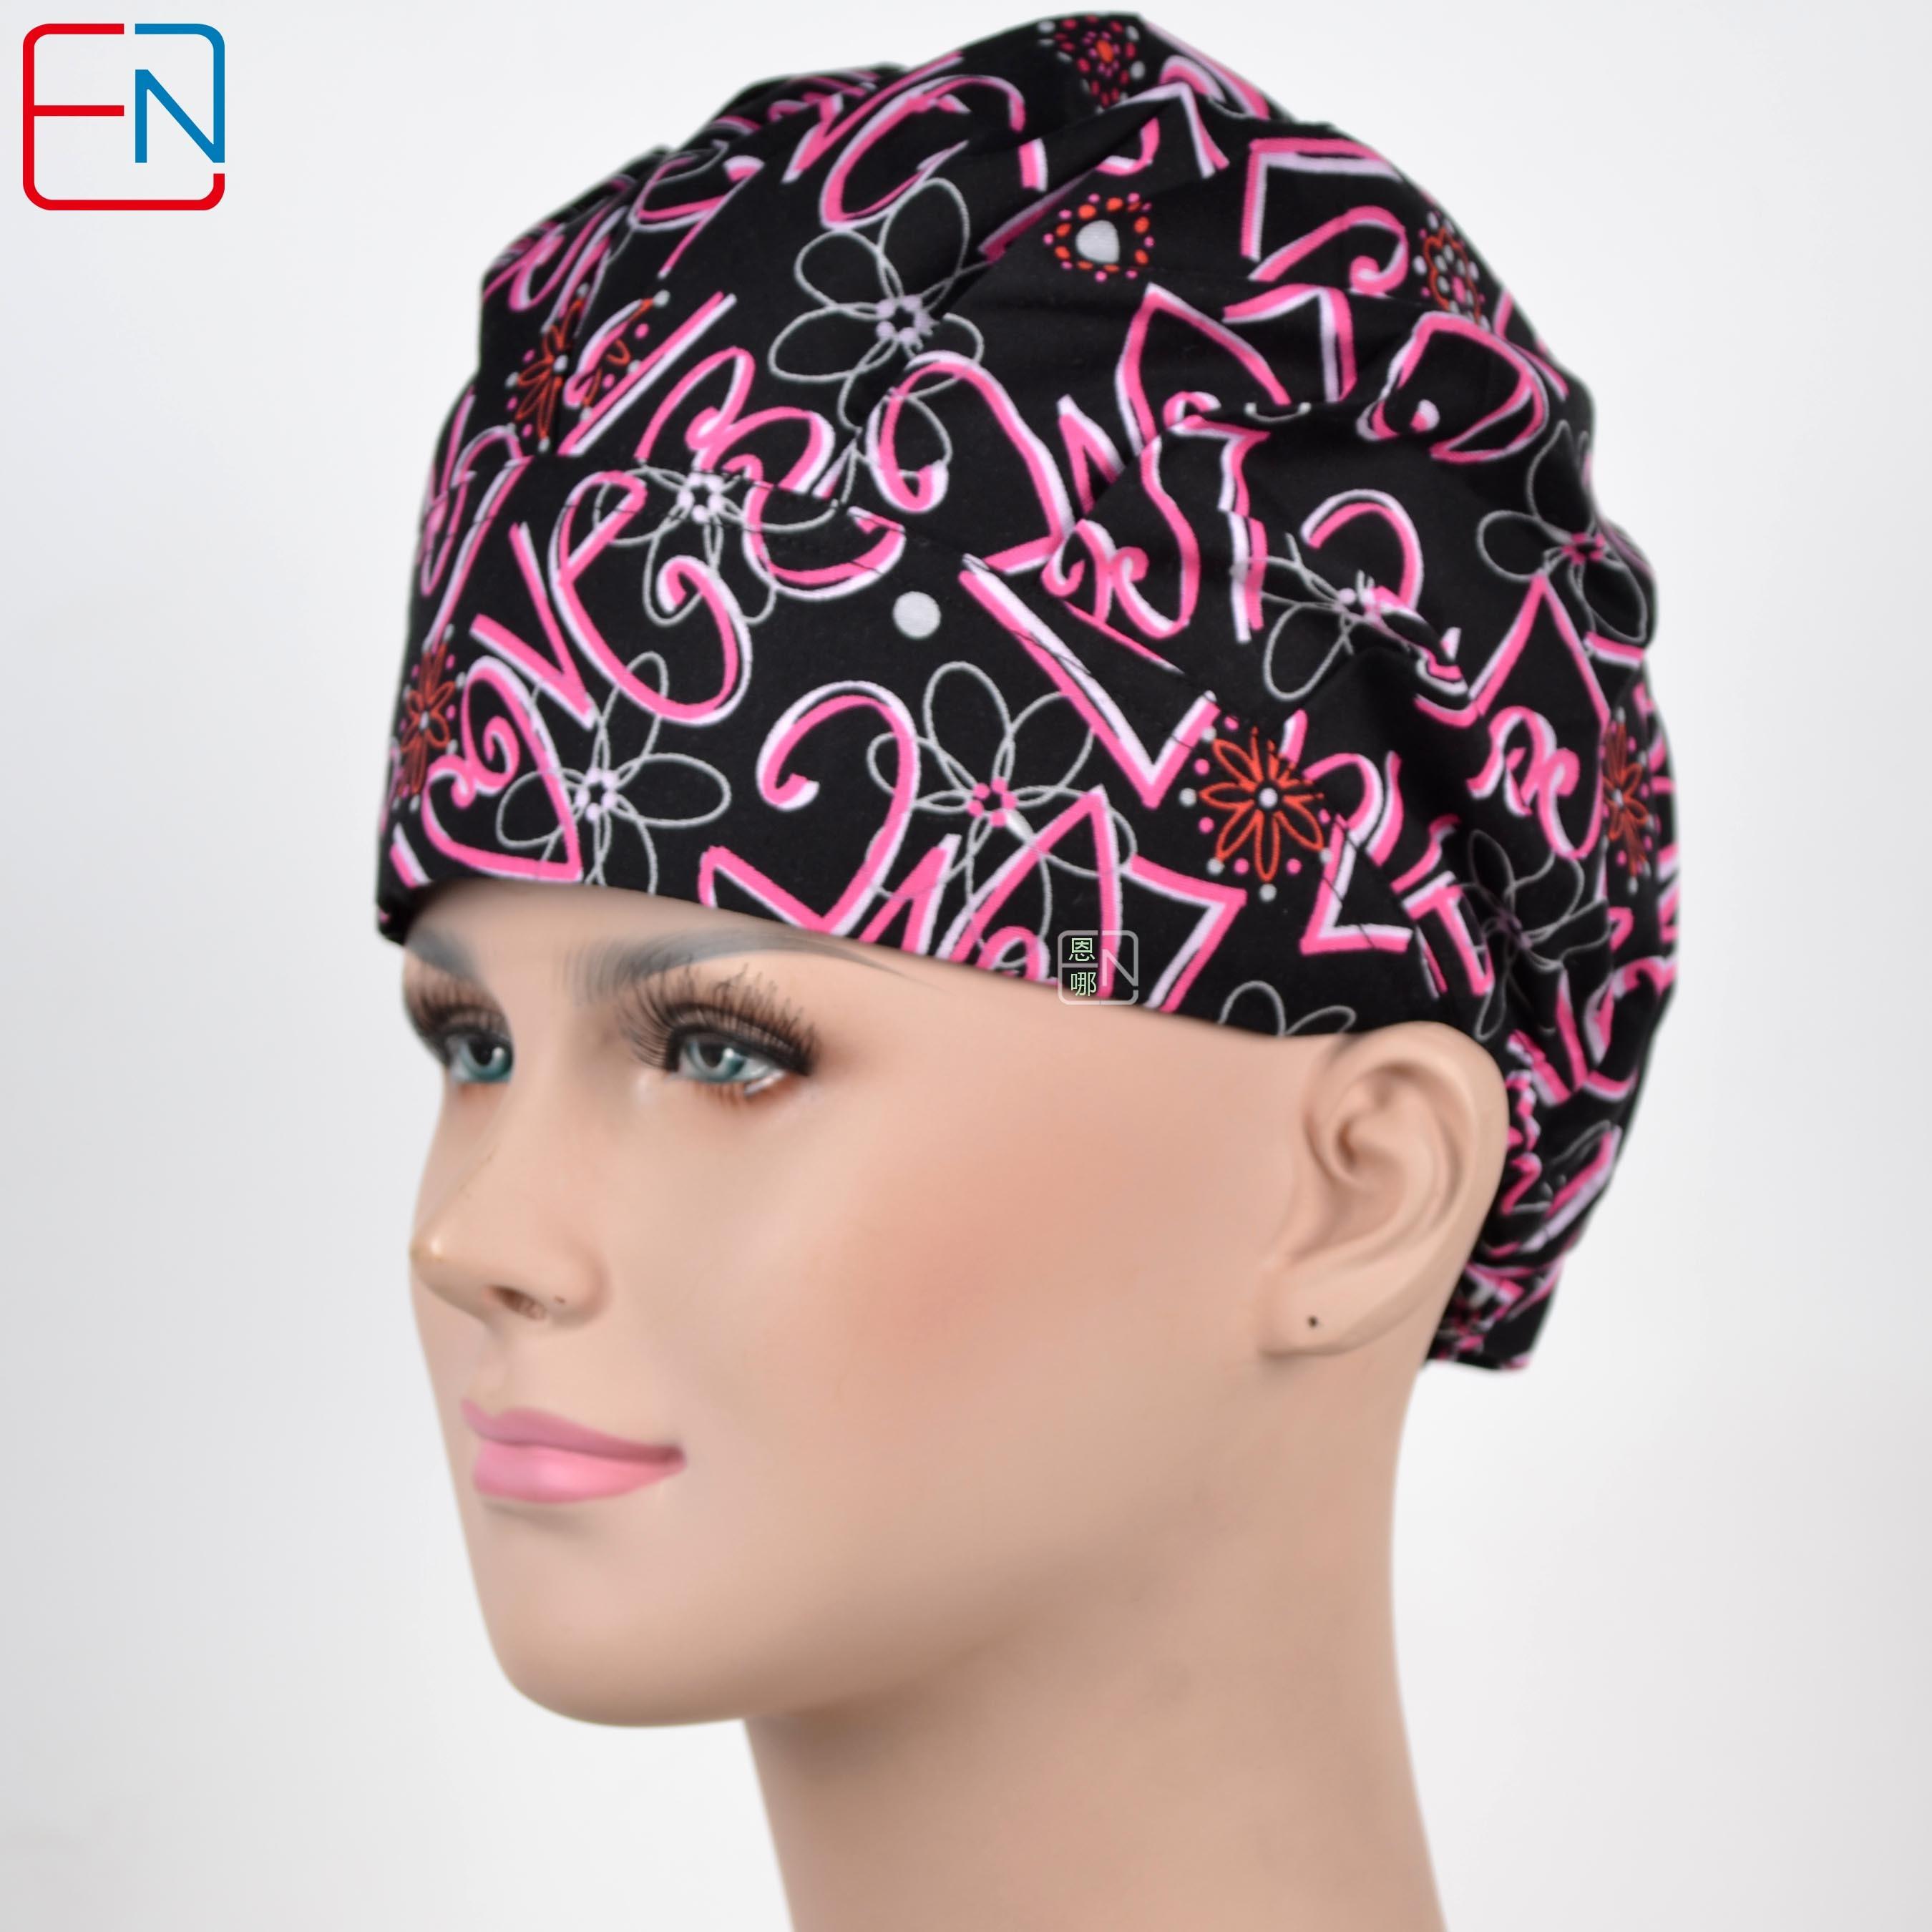 ženské ženy Bouffant Surgical Scrub Medical Chemo Hat / Cap kuchařské čepice kuchařky